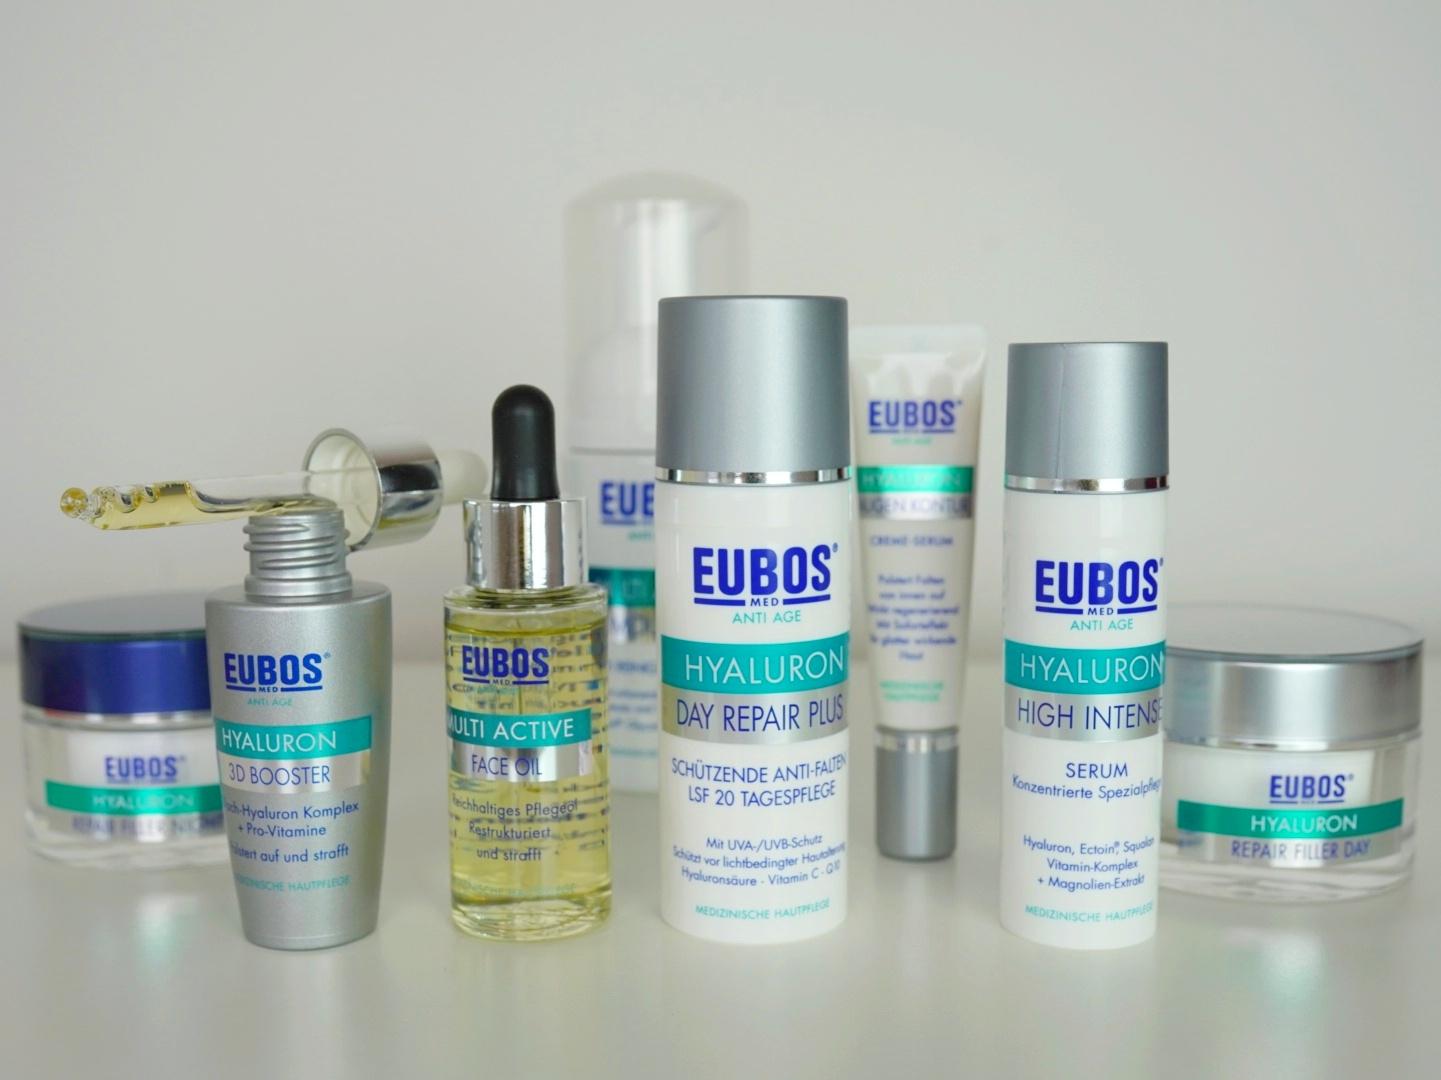 kozmetika Eubos z taargeta